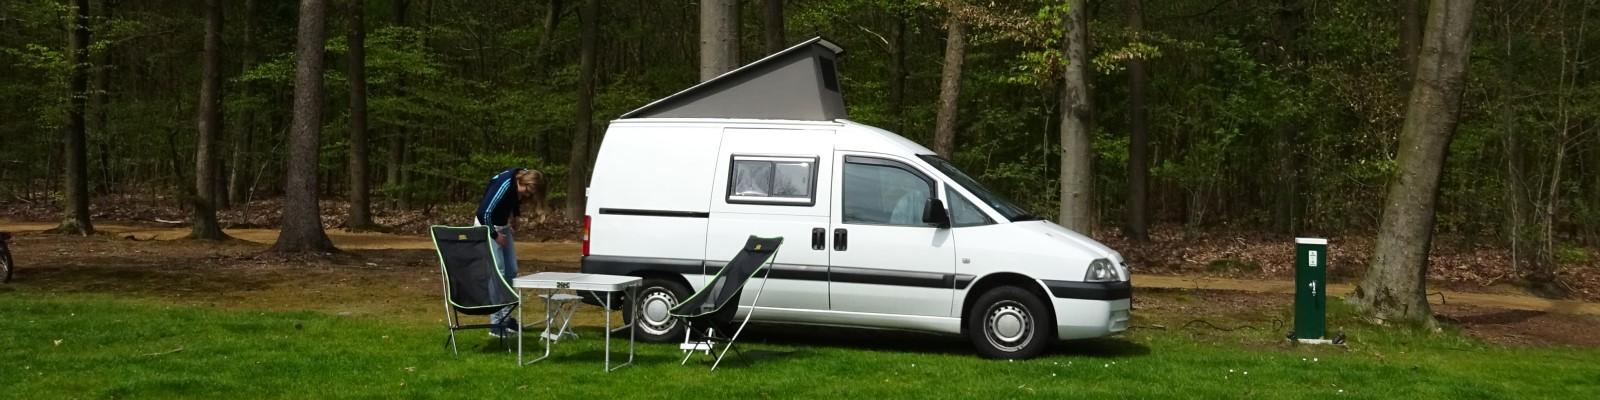 minicamper appelscha bos camping